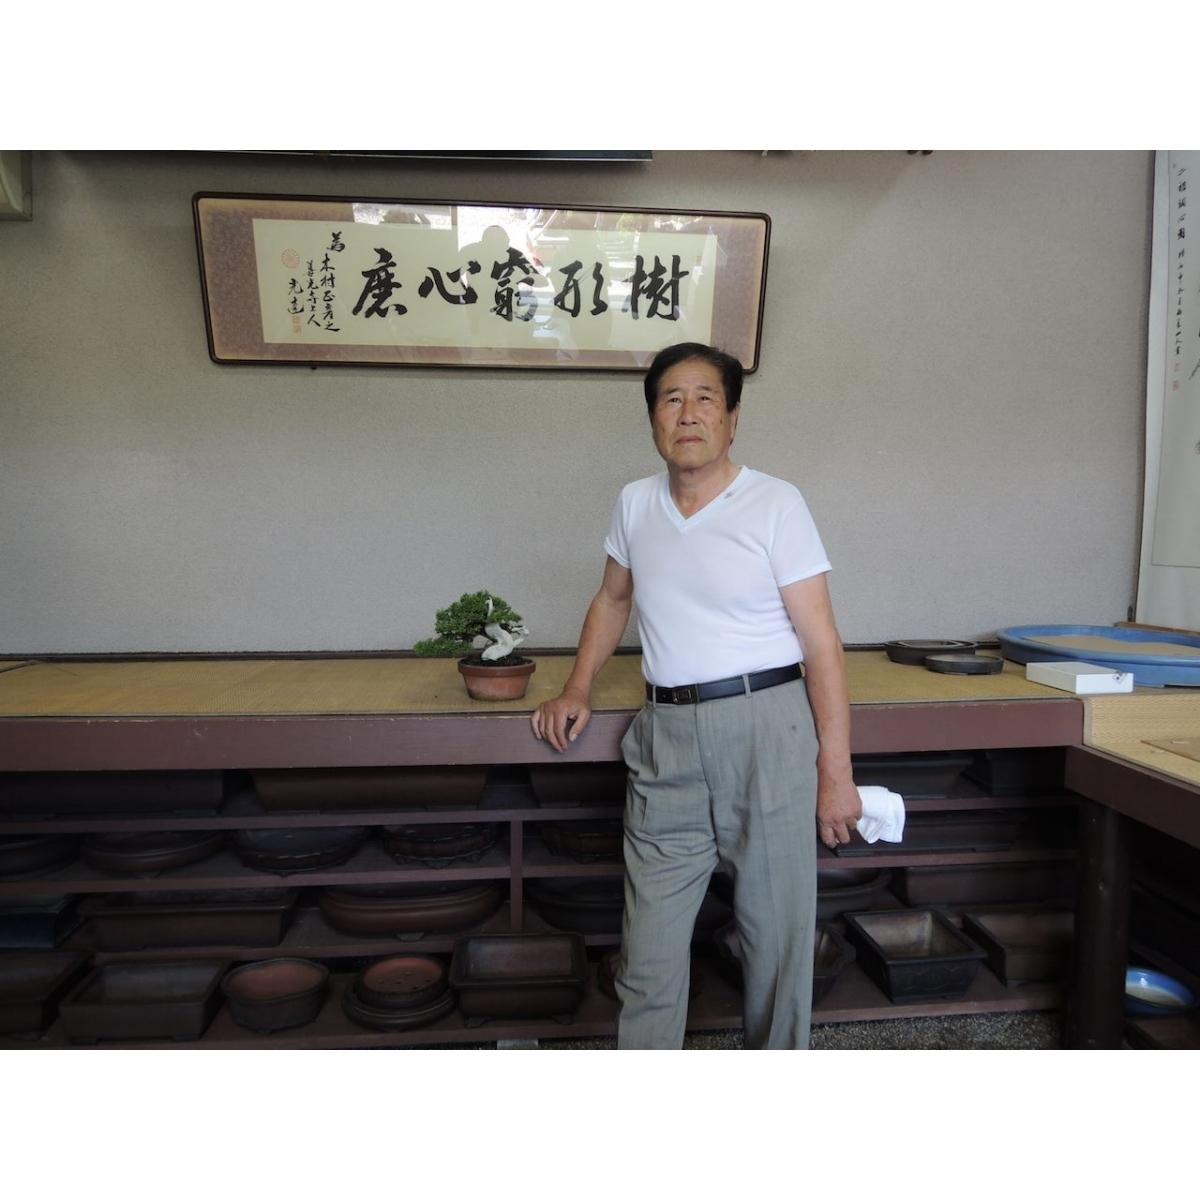 Visita al vivero de Kimura 2017